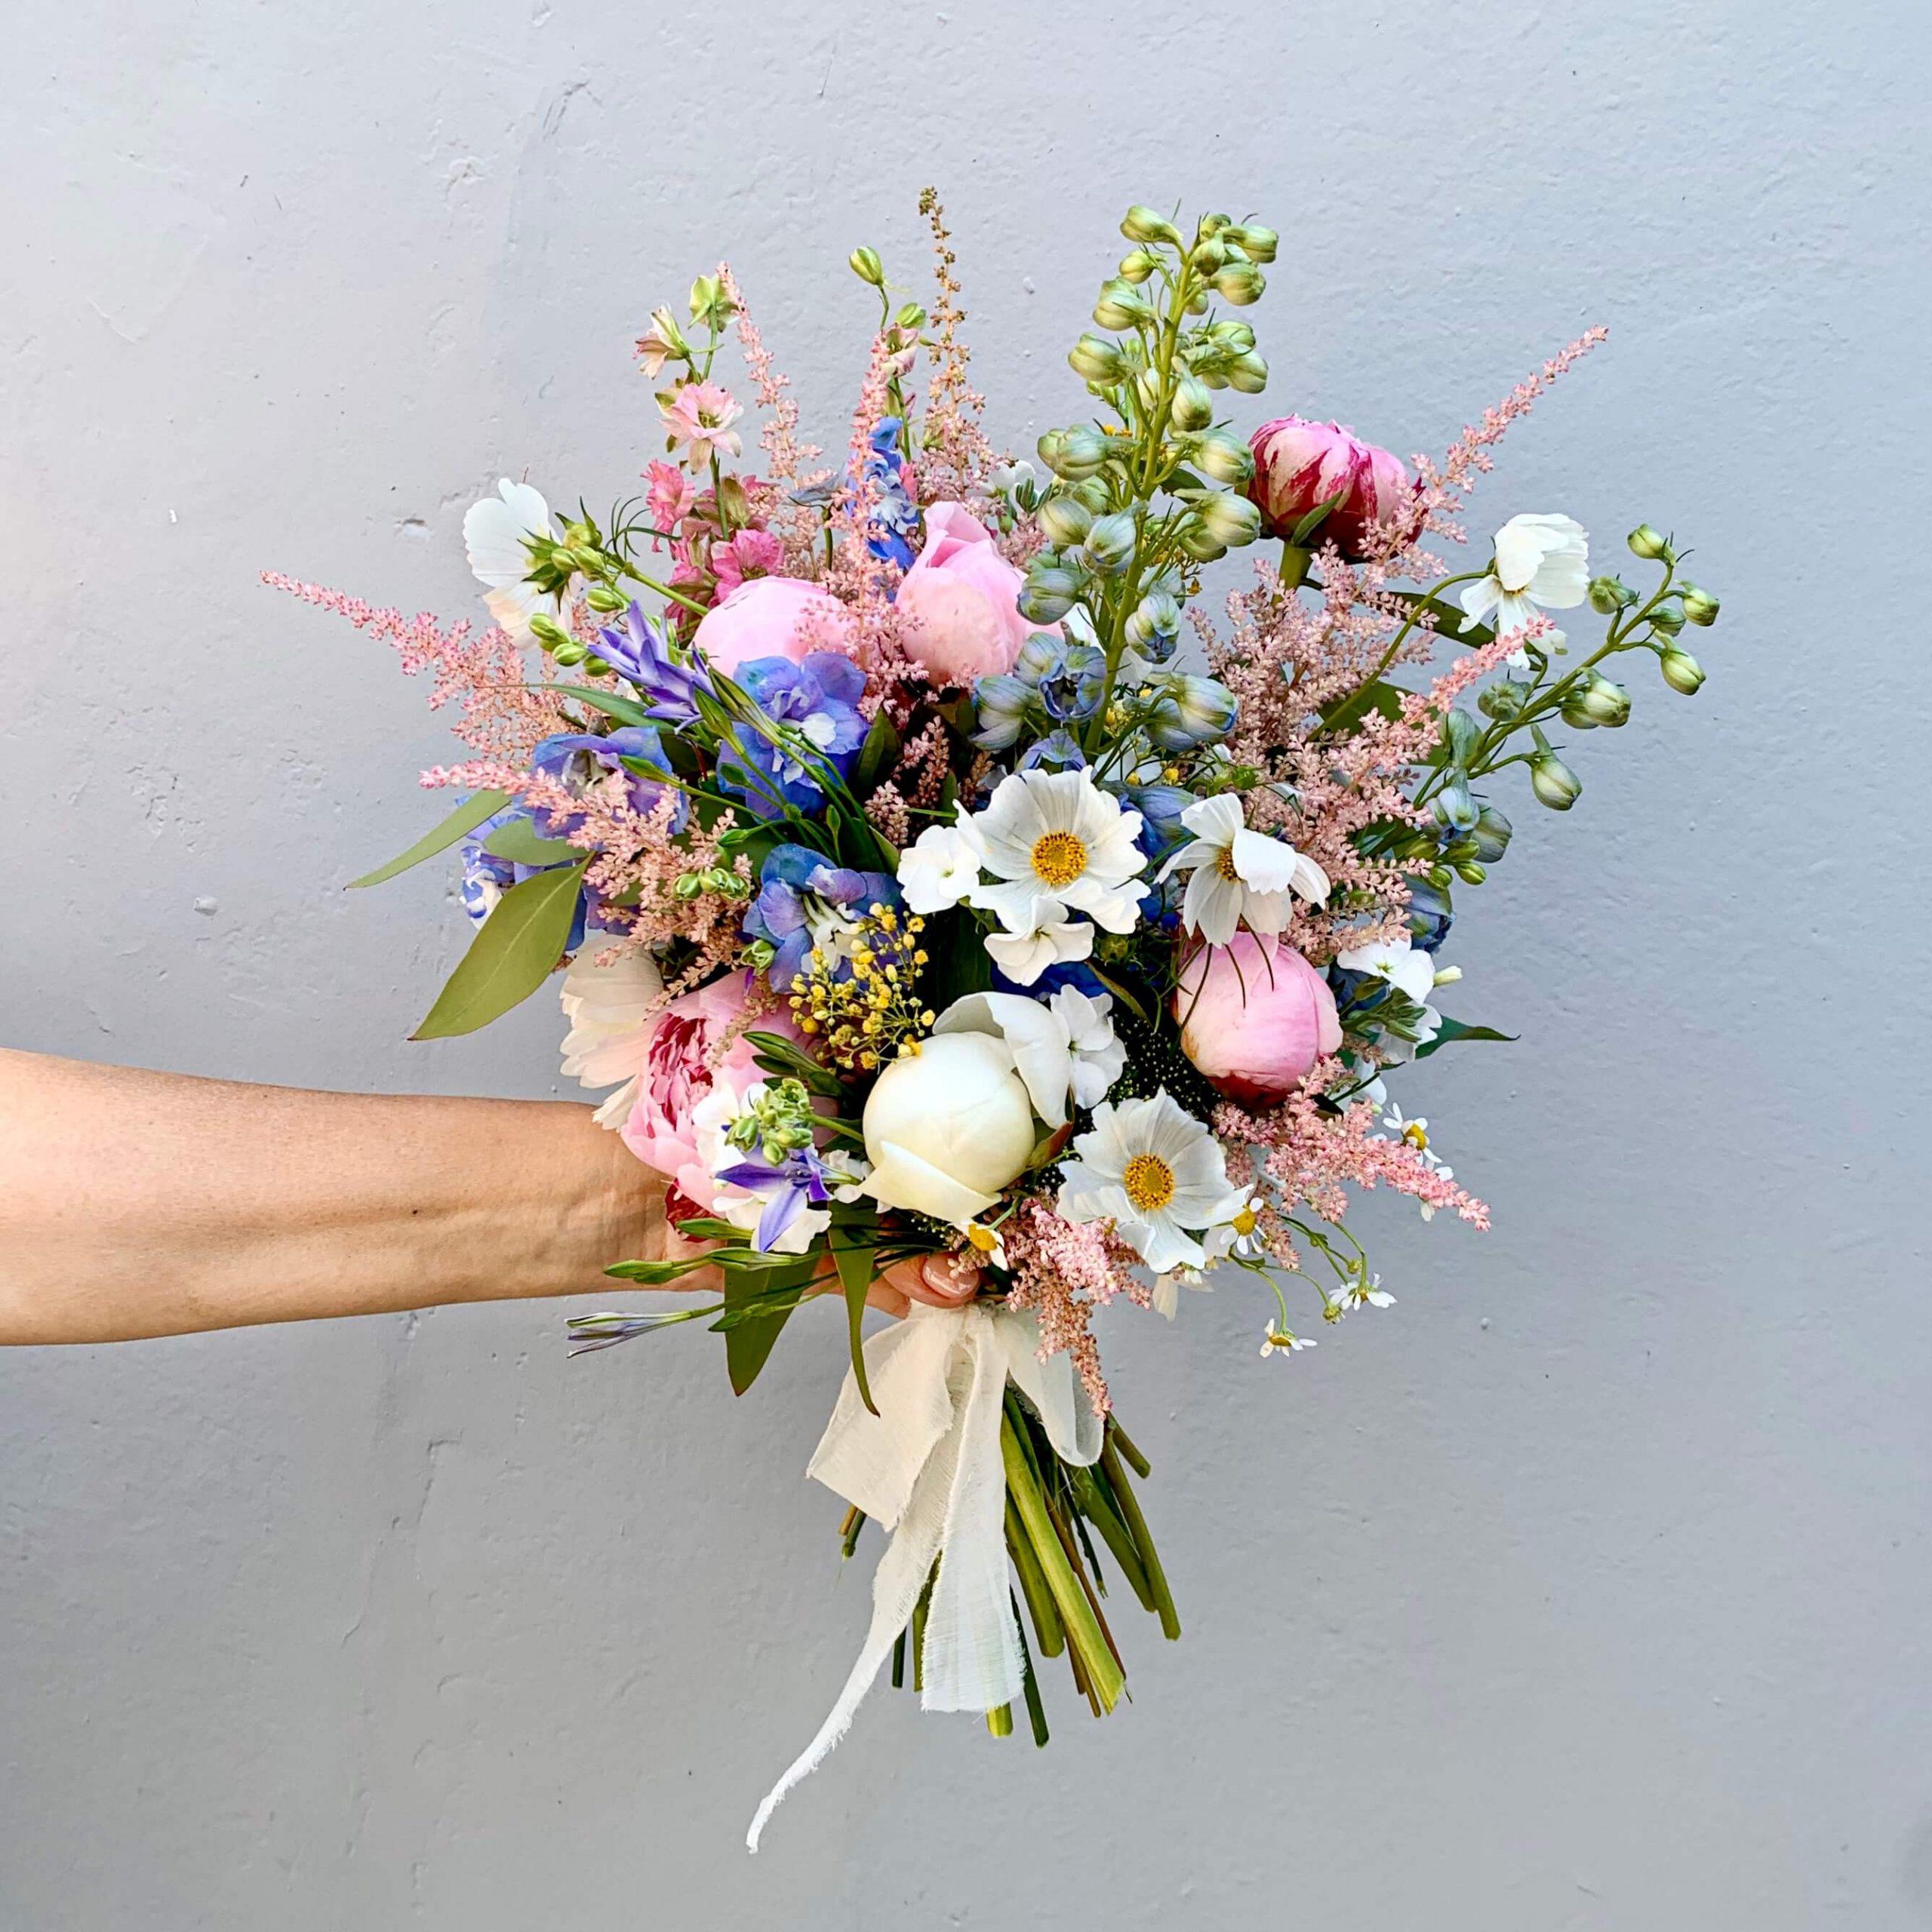 Narcyz Kwiaciarnia Gdansk scaled - Dzień Kobiet. Gdzie kupimy piękne bukiety?